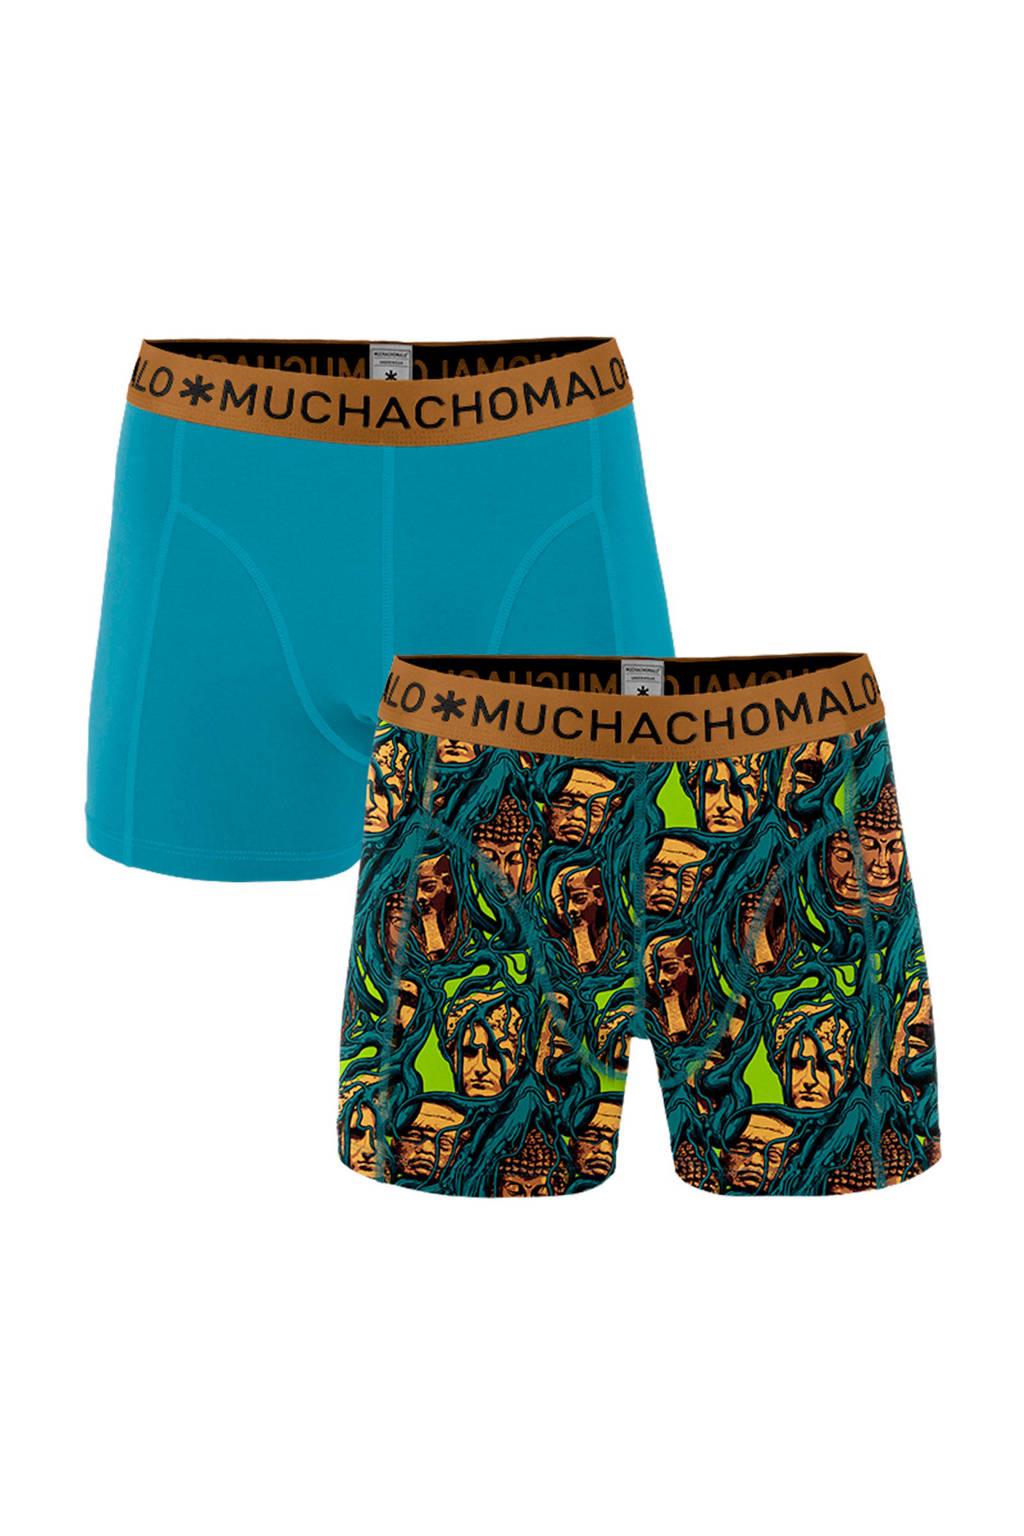 Muchachomalo boxershort (set van 2), Blauw/patrol